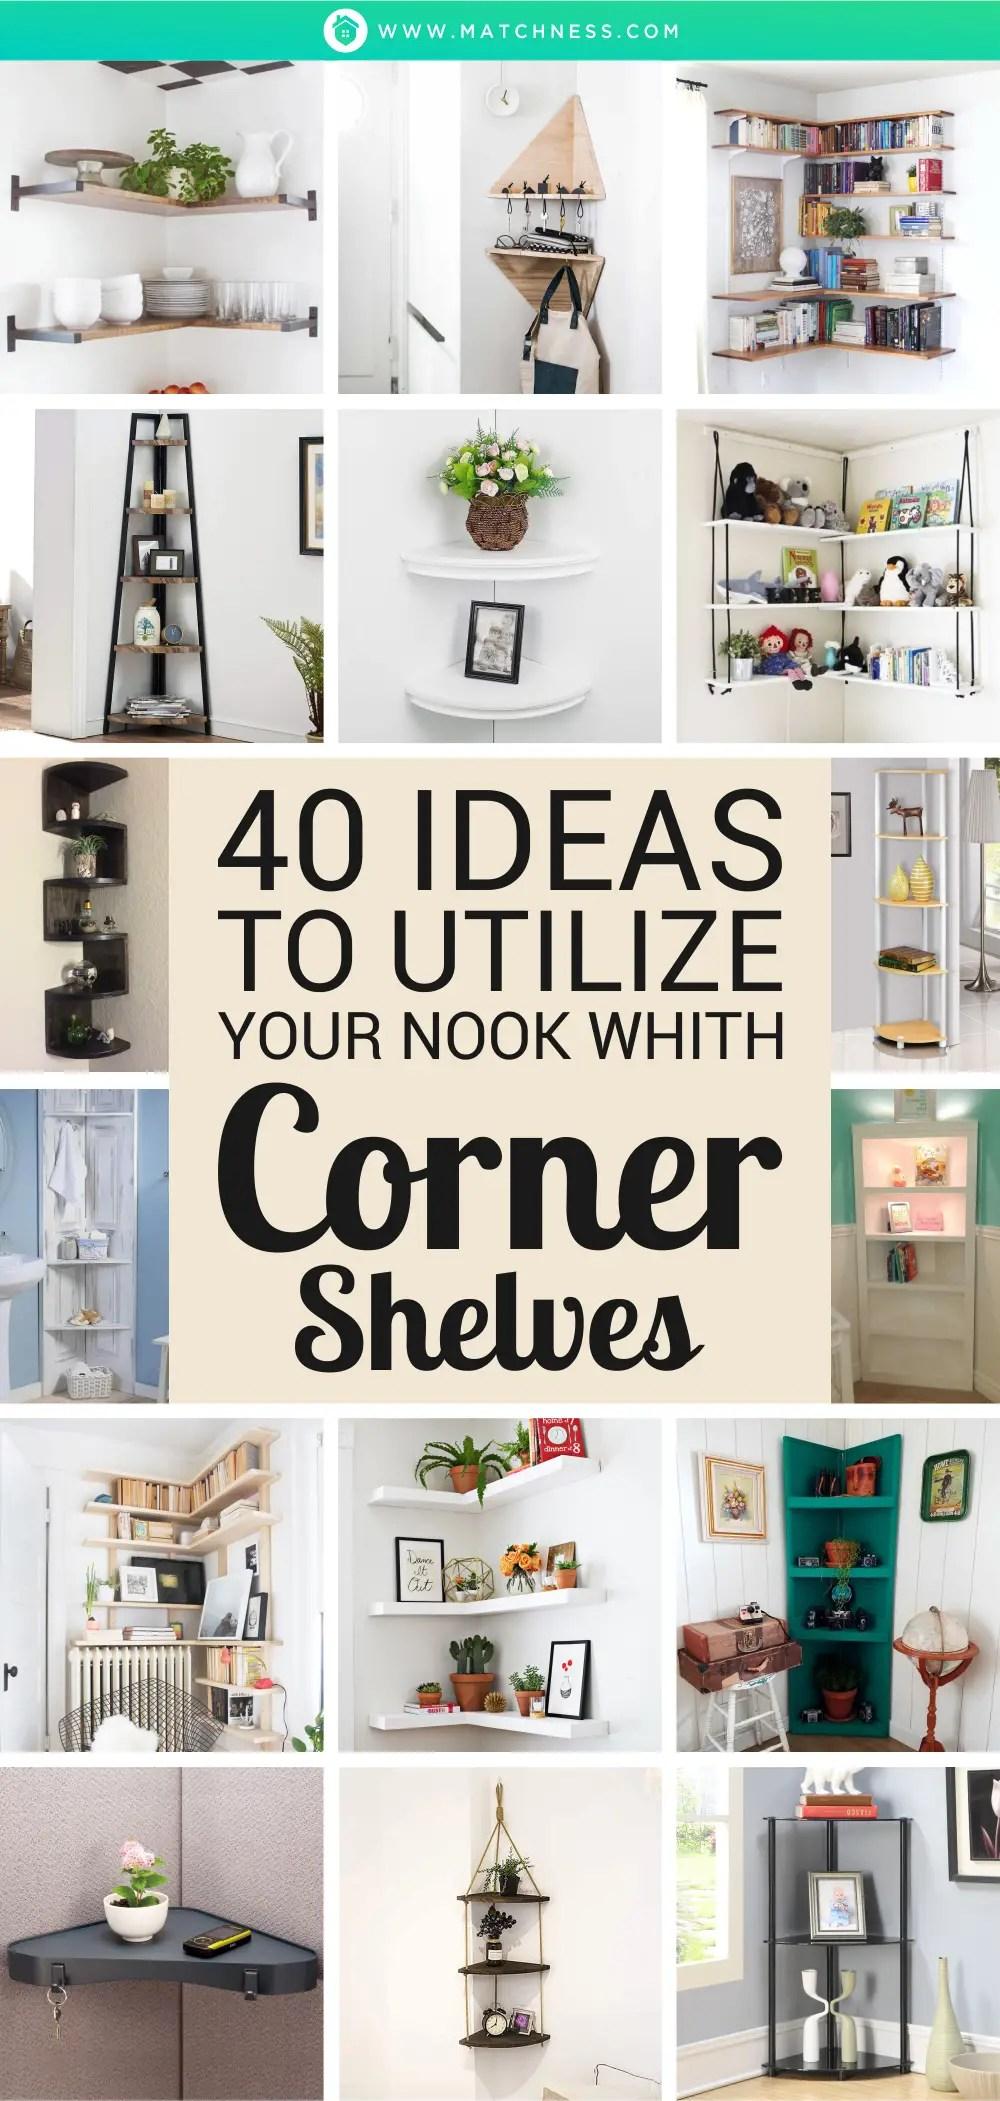 40-idee-per-utilizzare-il-tuo-angolo-con-ripiani-angolari1